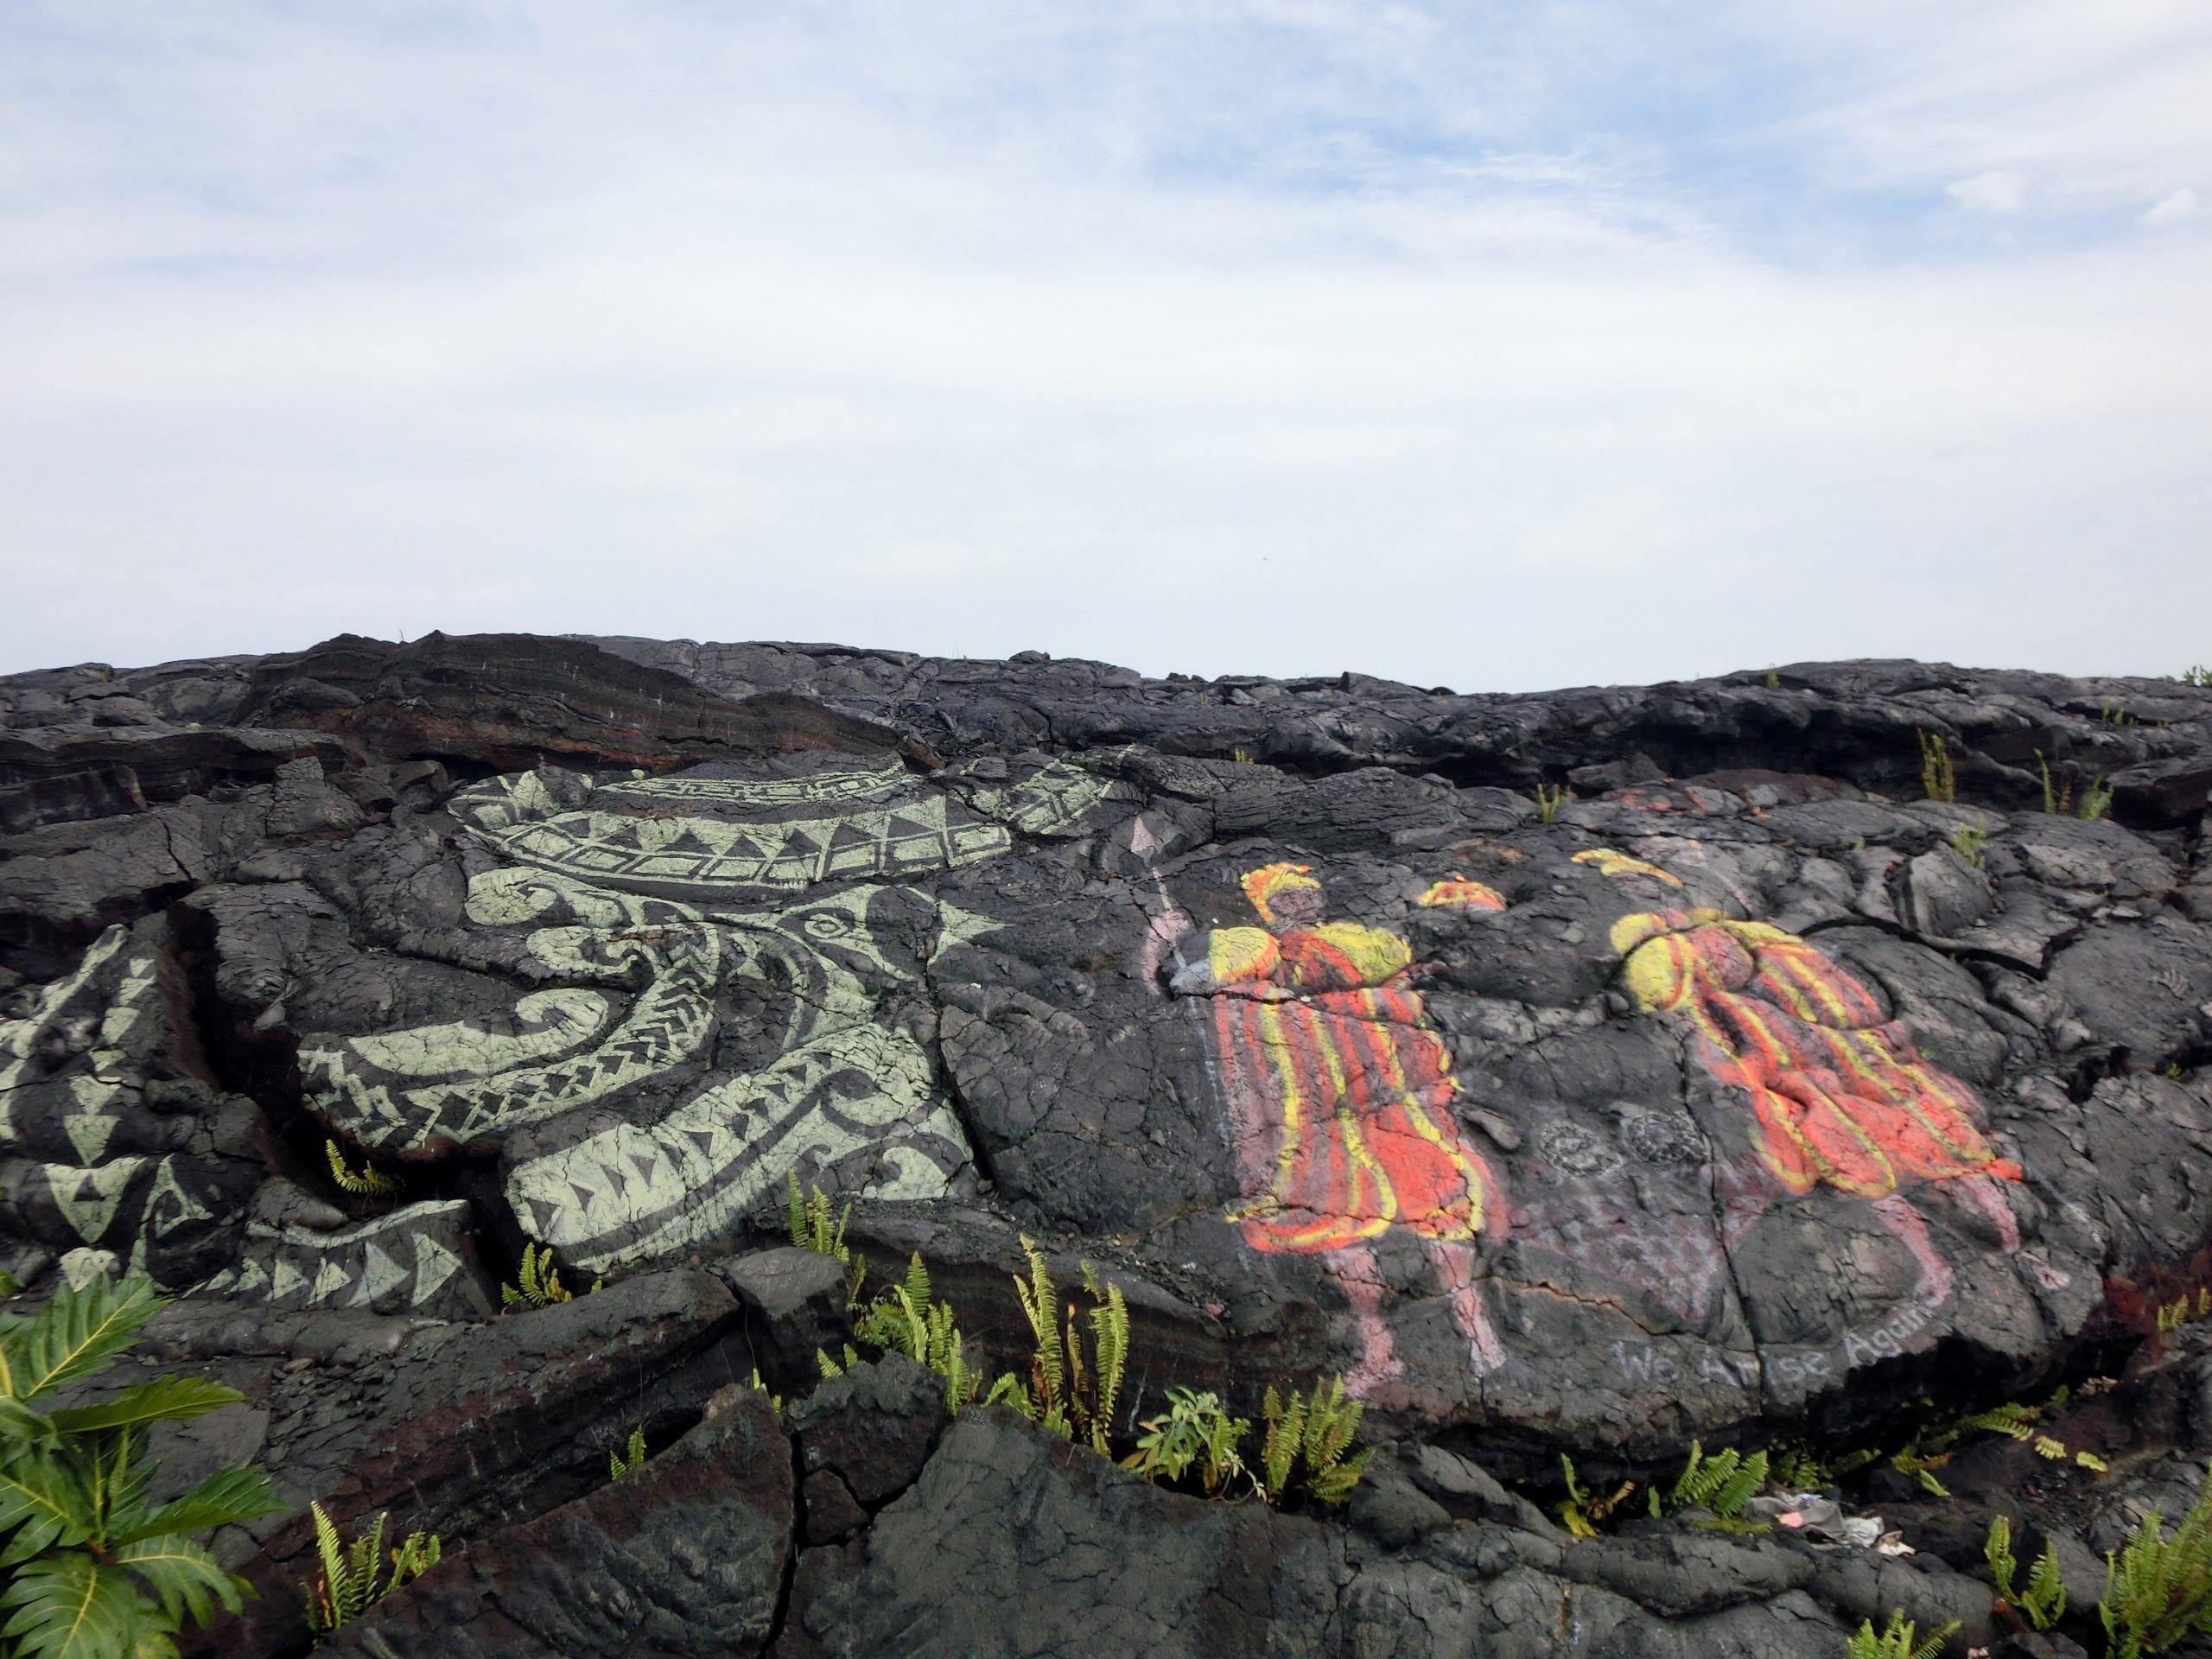 hawaiian monk seal art in hawaii